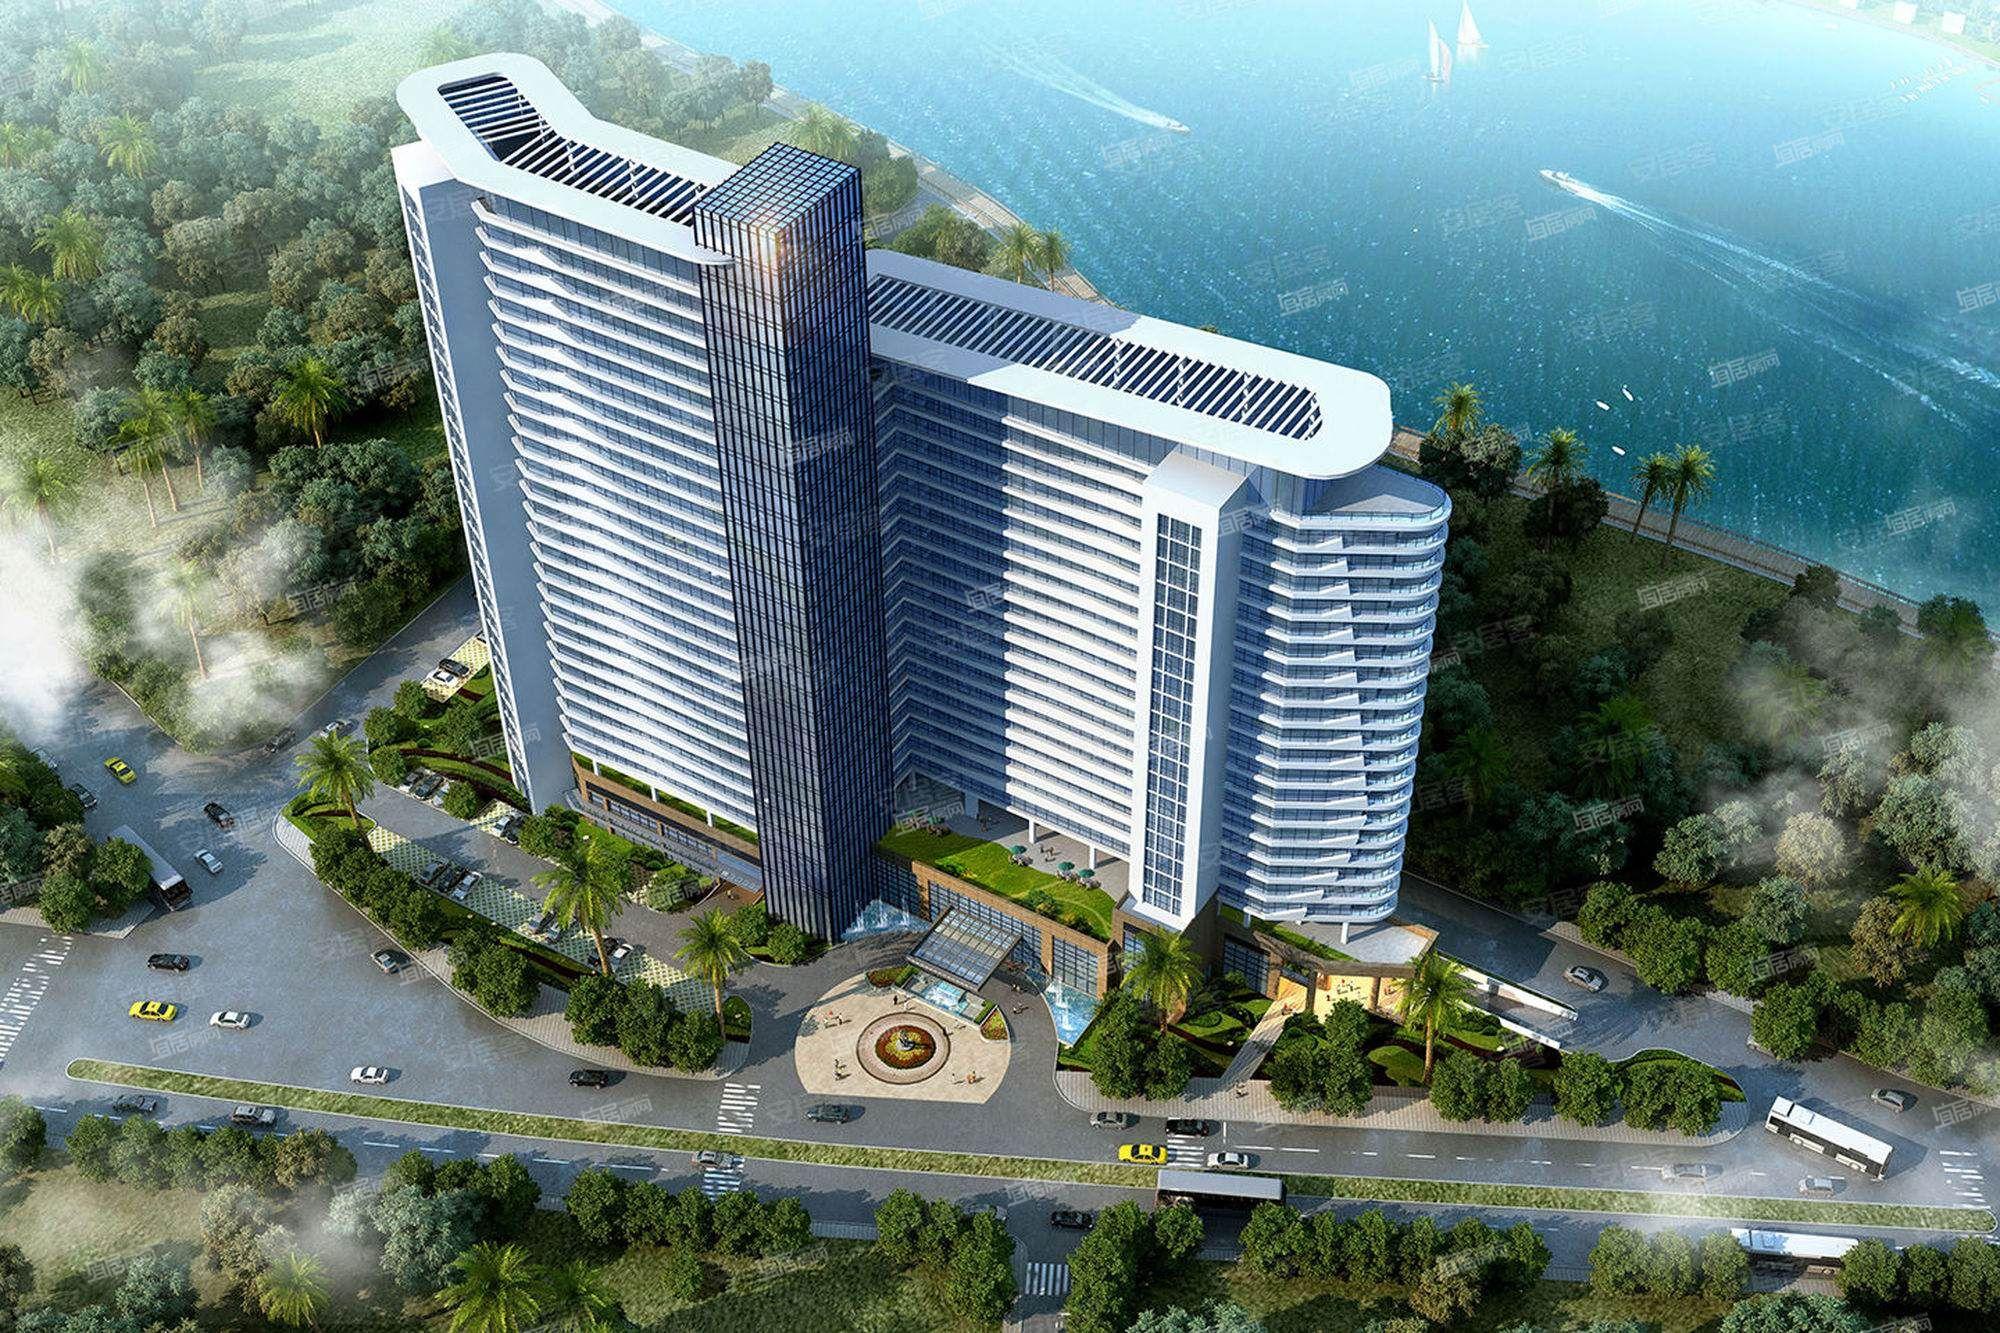 裕华熙龙湾酒店整体鸟瞰图